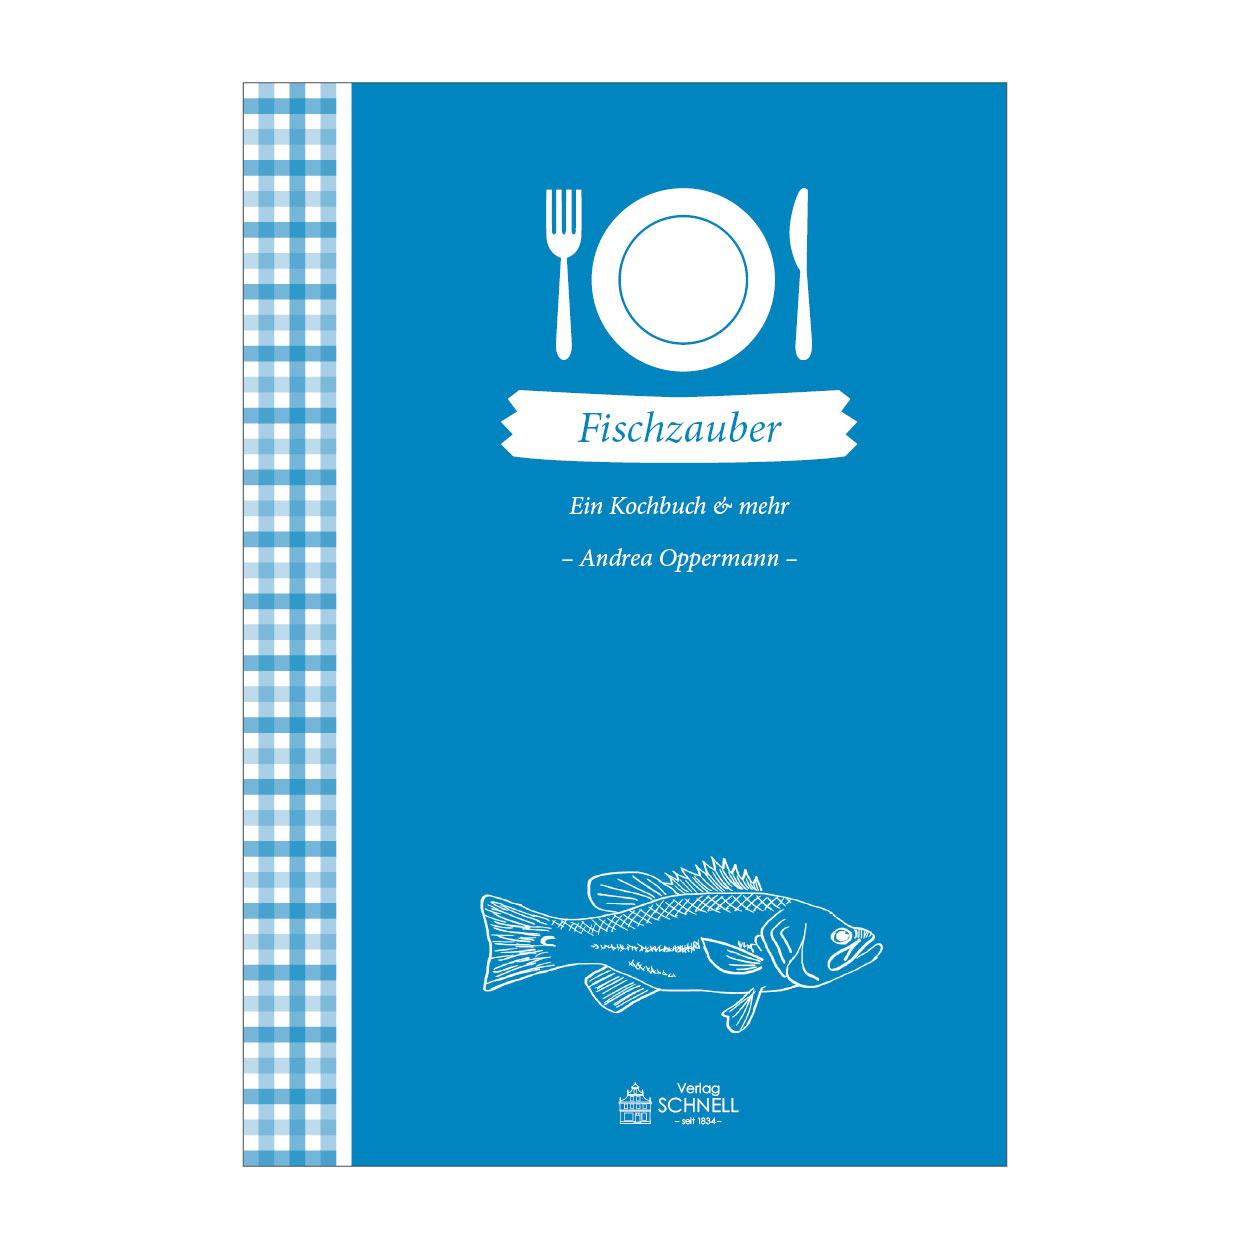 Fischzauber Schnell Verlag